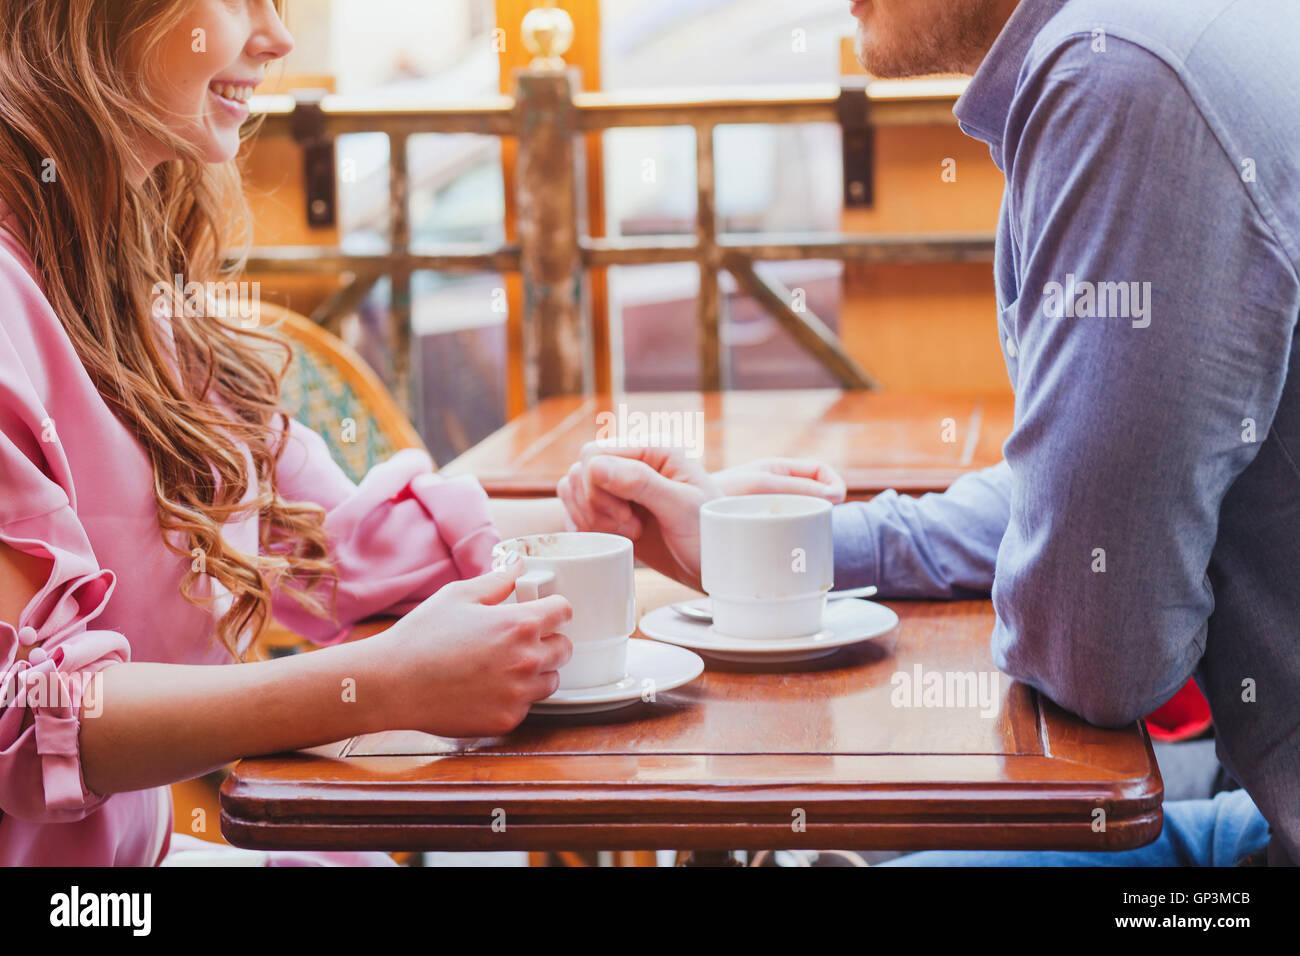 Dating, las manos de la pareja en la acogedora cafetería, bebiendo café Imagen De Stock